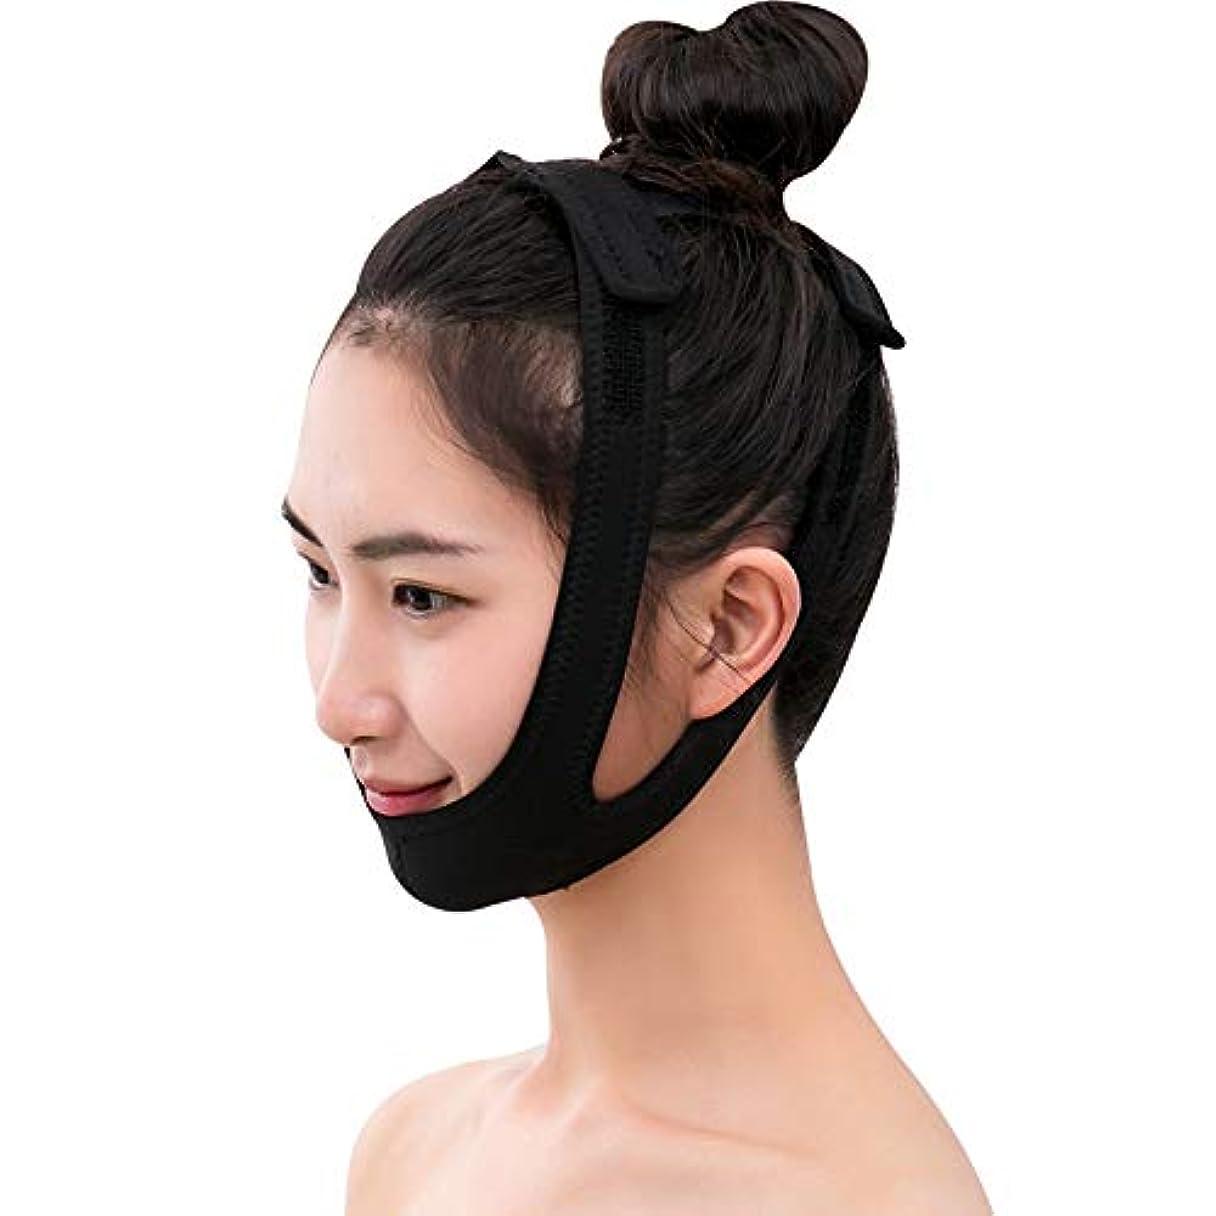 振動させる機転おもちゃXINGZHE フェイシャルリフティング痩身ベルト圧縮二重あご減量ベルトスキンケア薄い顔包帯二重あごワークアウト フェイスリフティングベルト